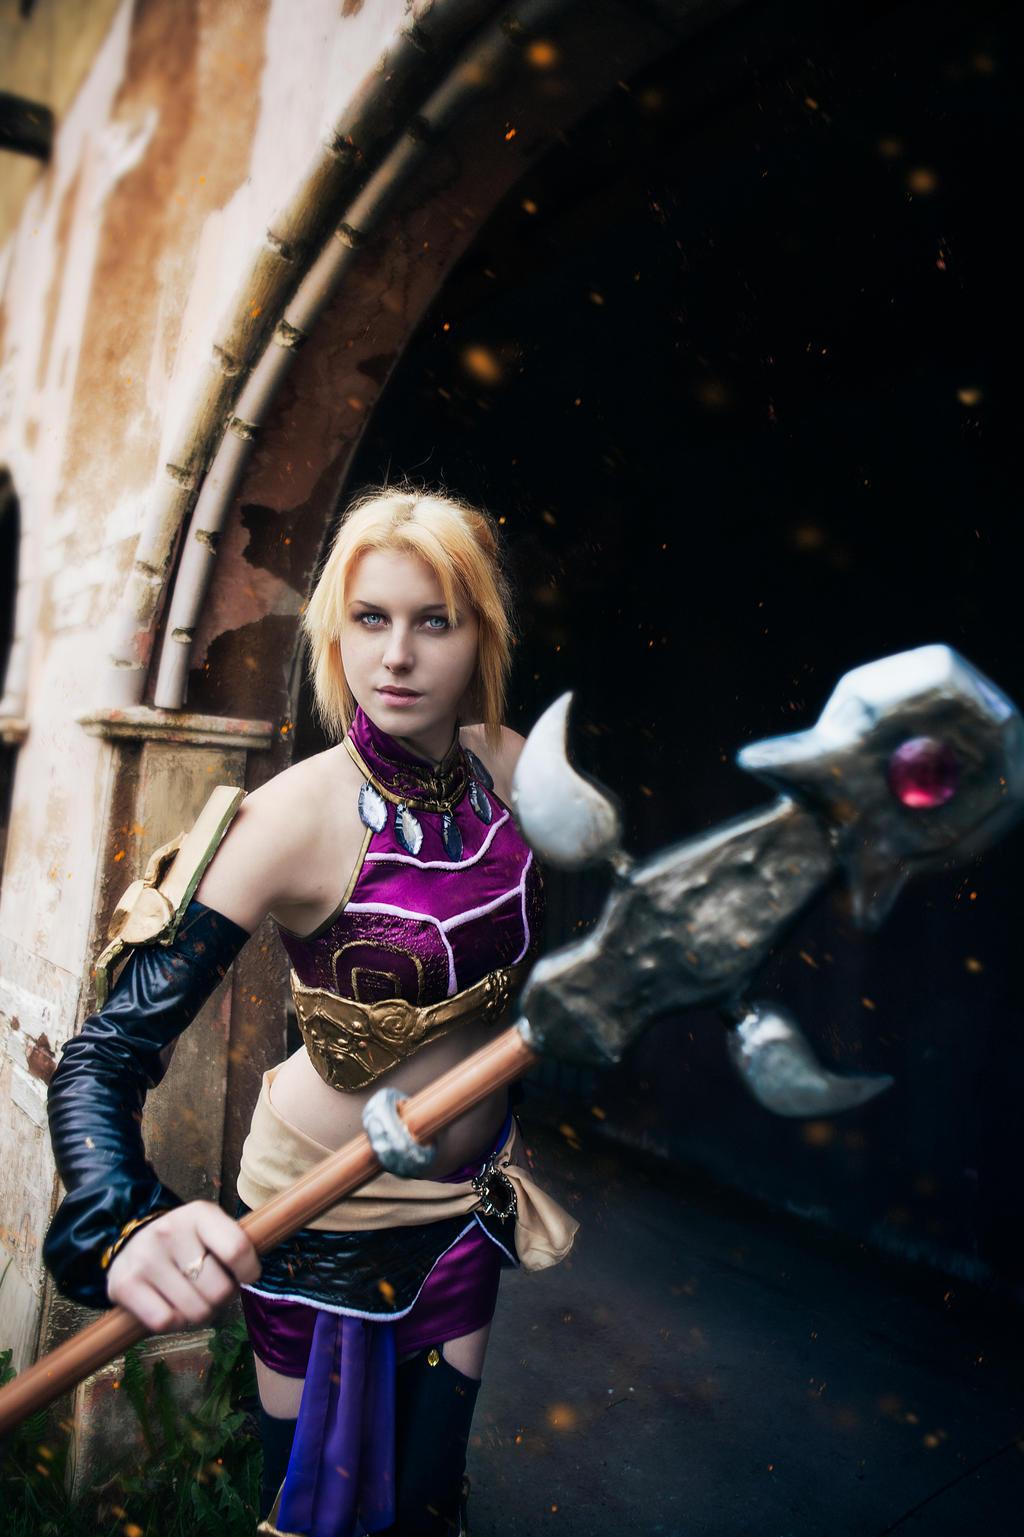 Diablo 3 Enchantress Eirena cosplay